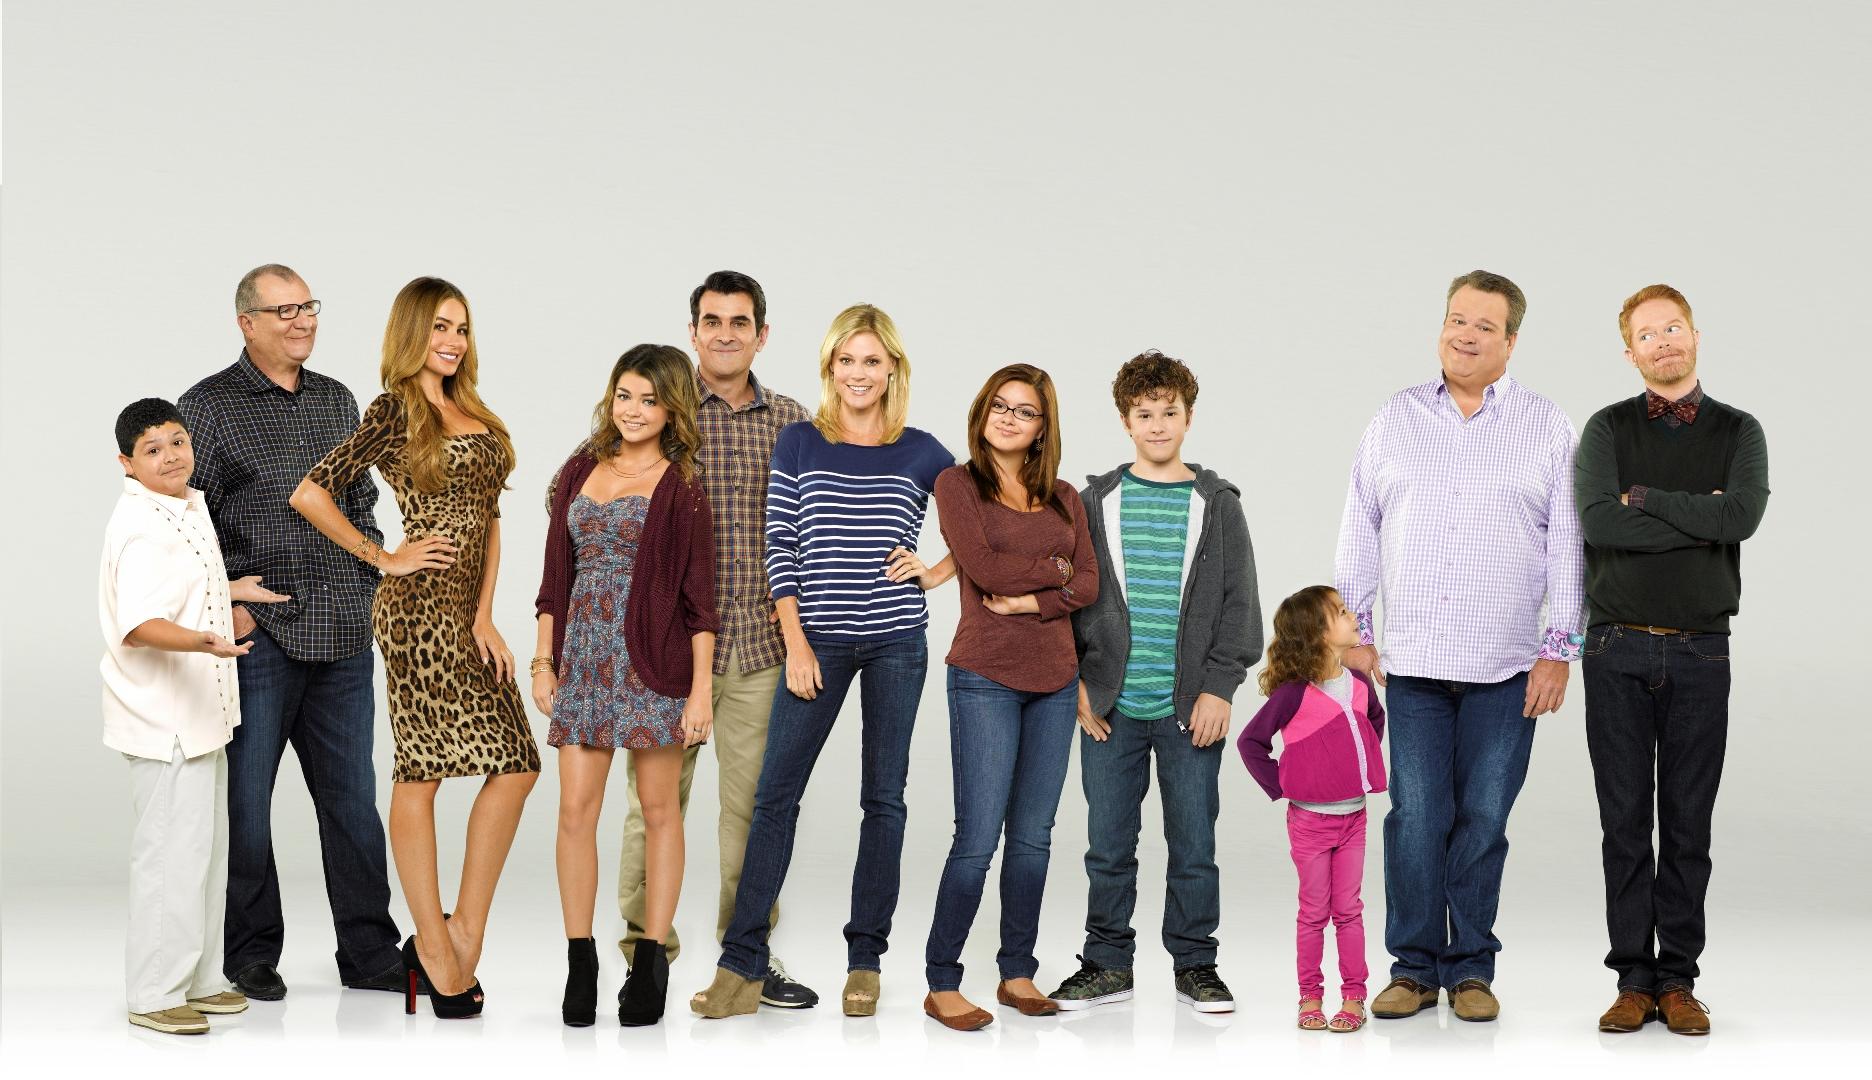 modern_family_cast.jpg